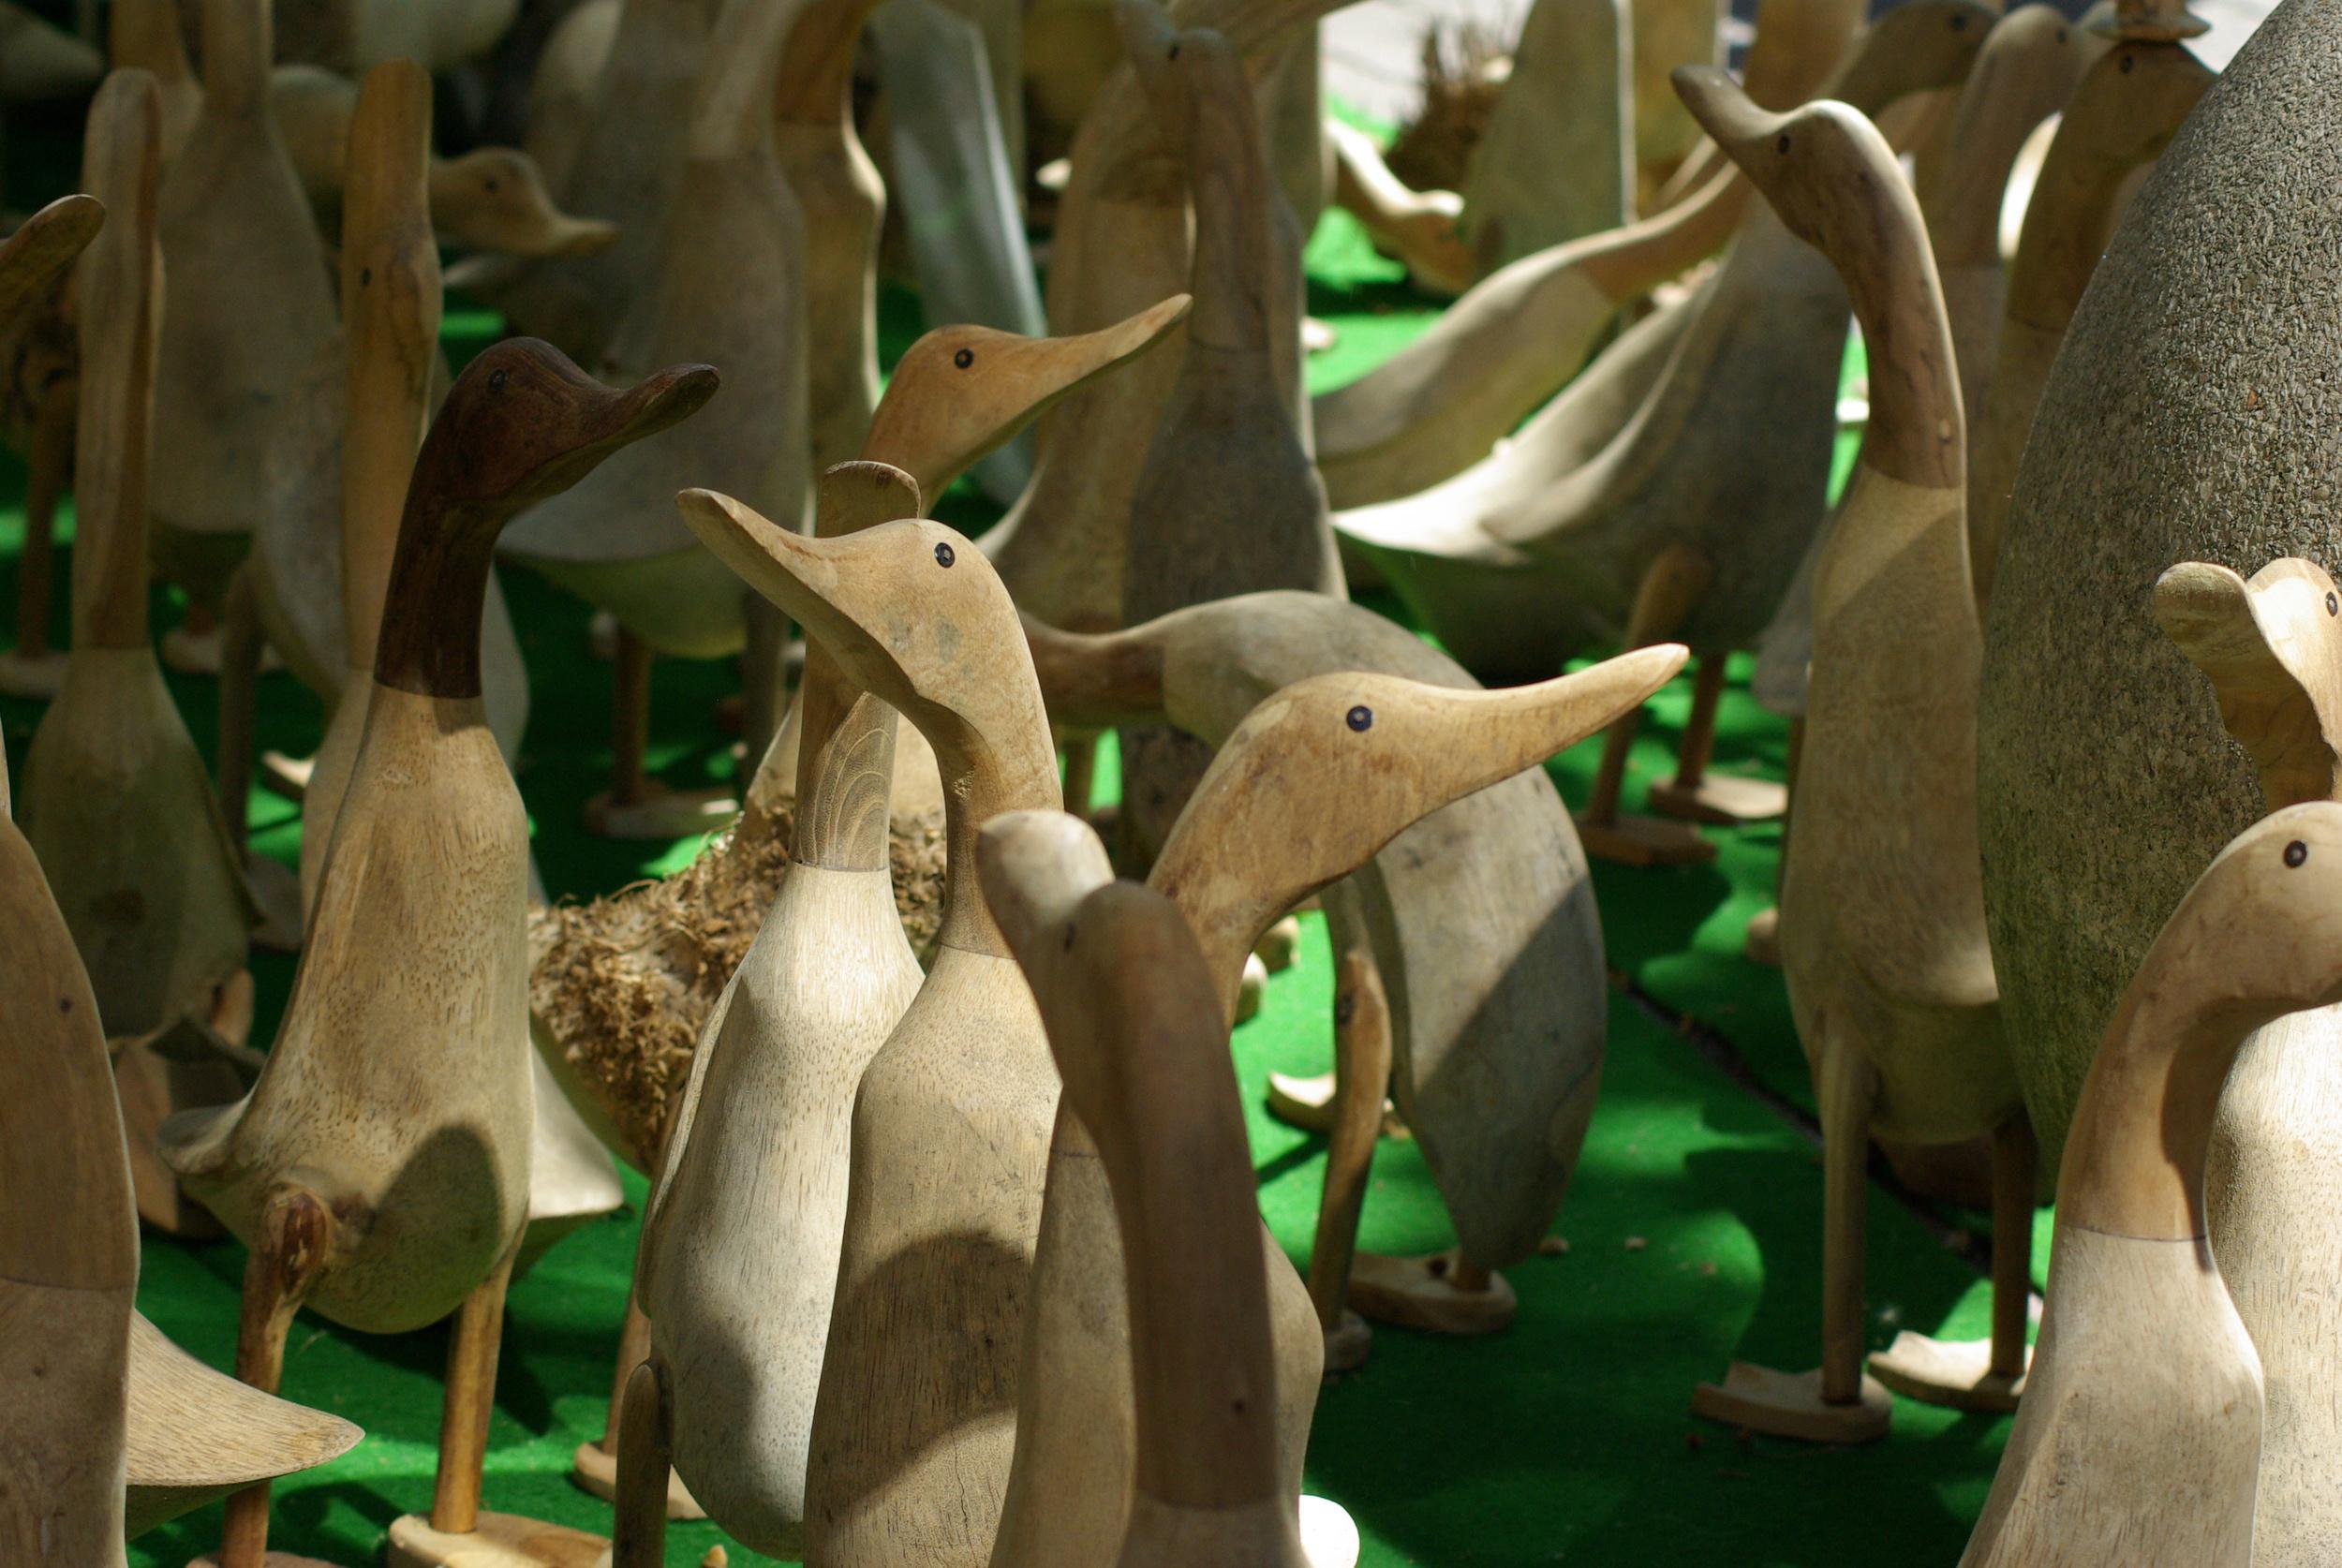 Ducks - Many